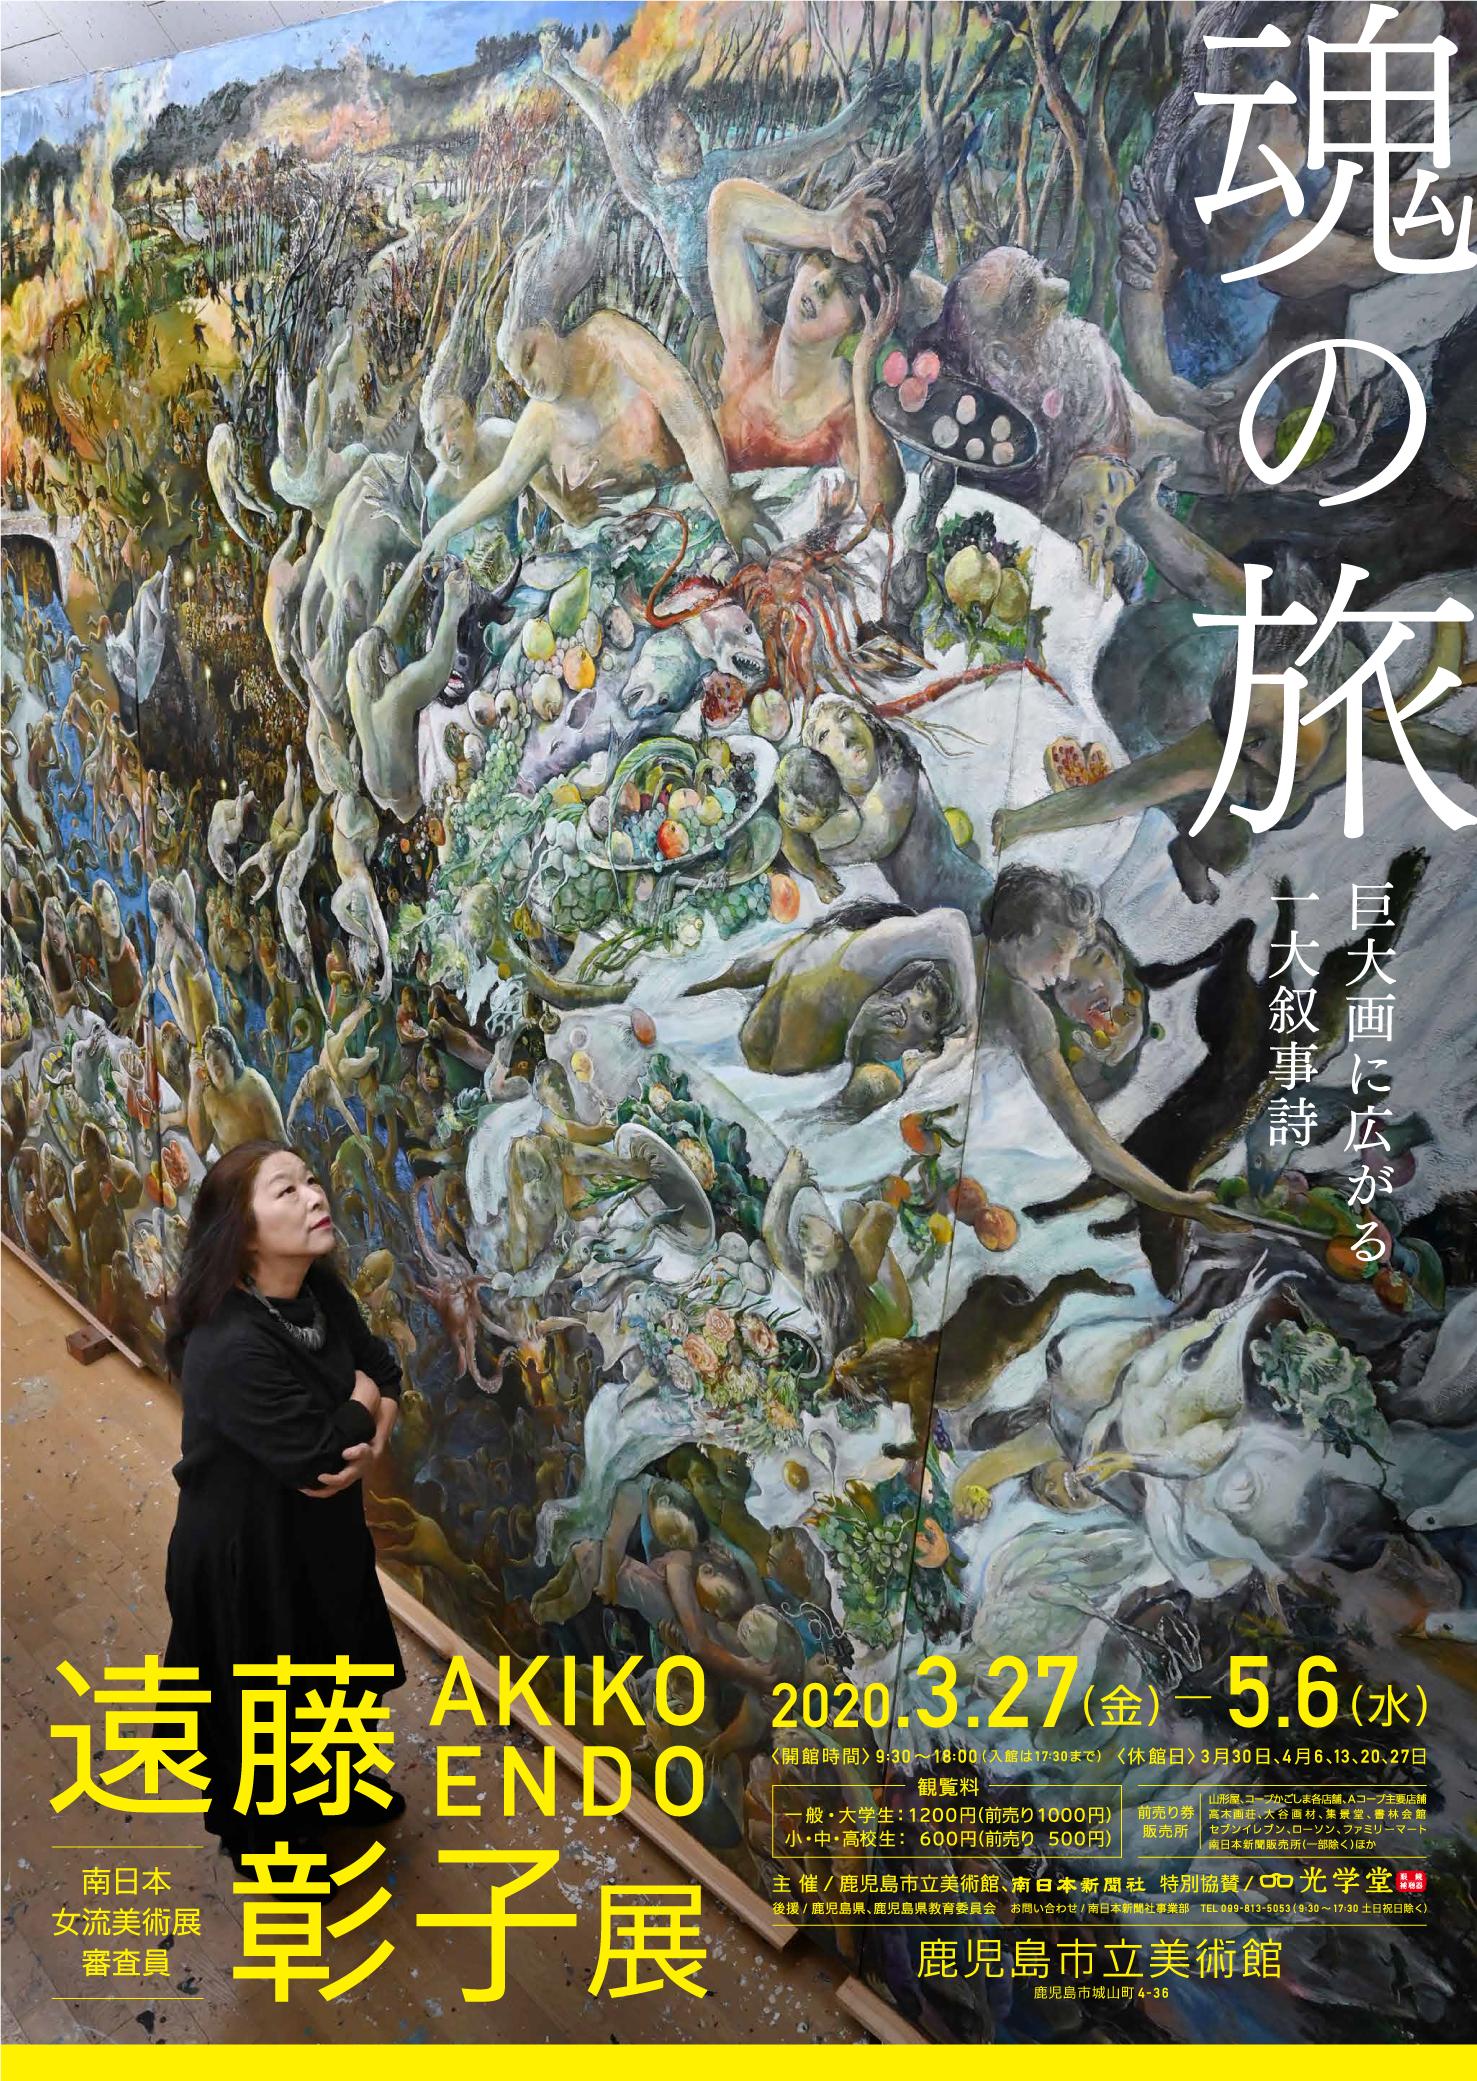 魂の旅 遠藤彰子展~巨大画に広がる一大叙事詩~※来春へ延期になりました